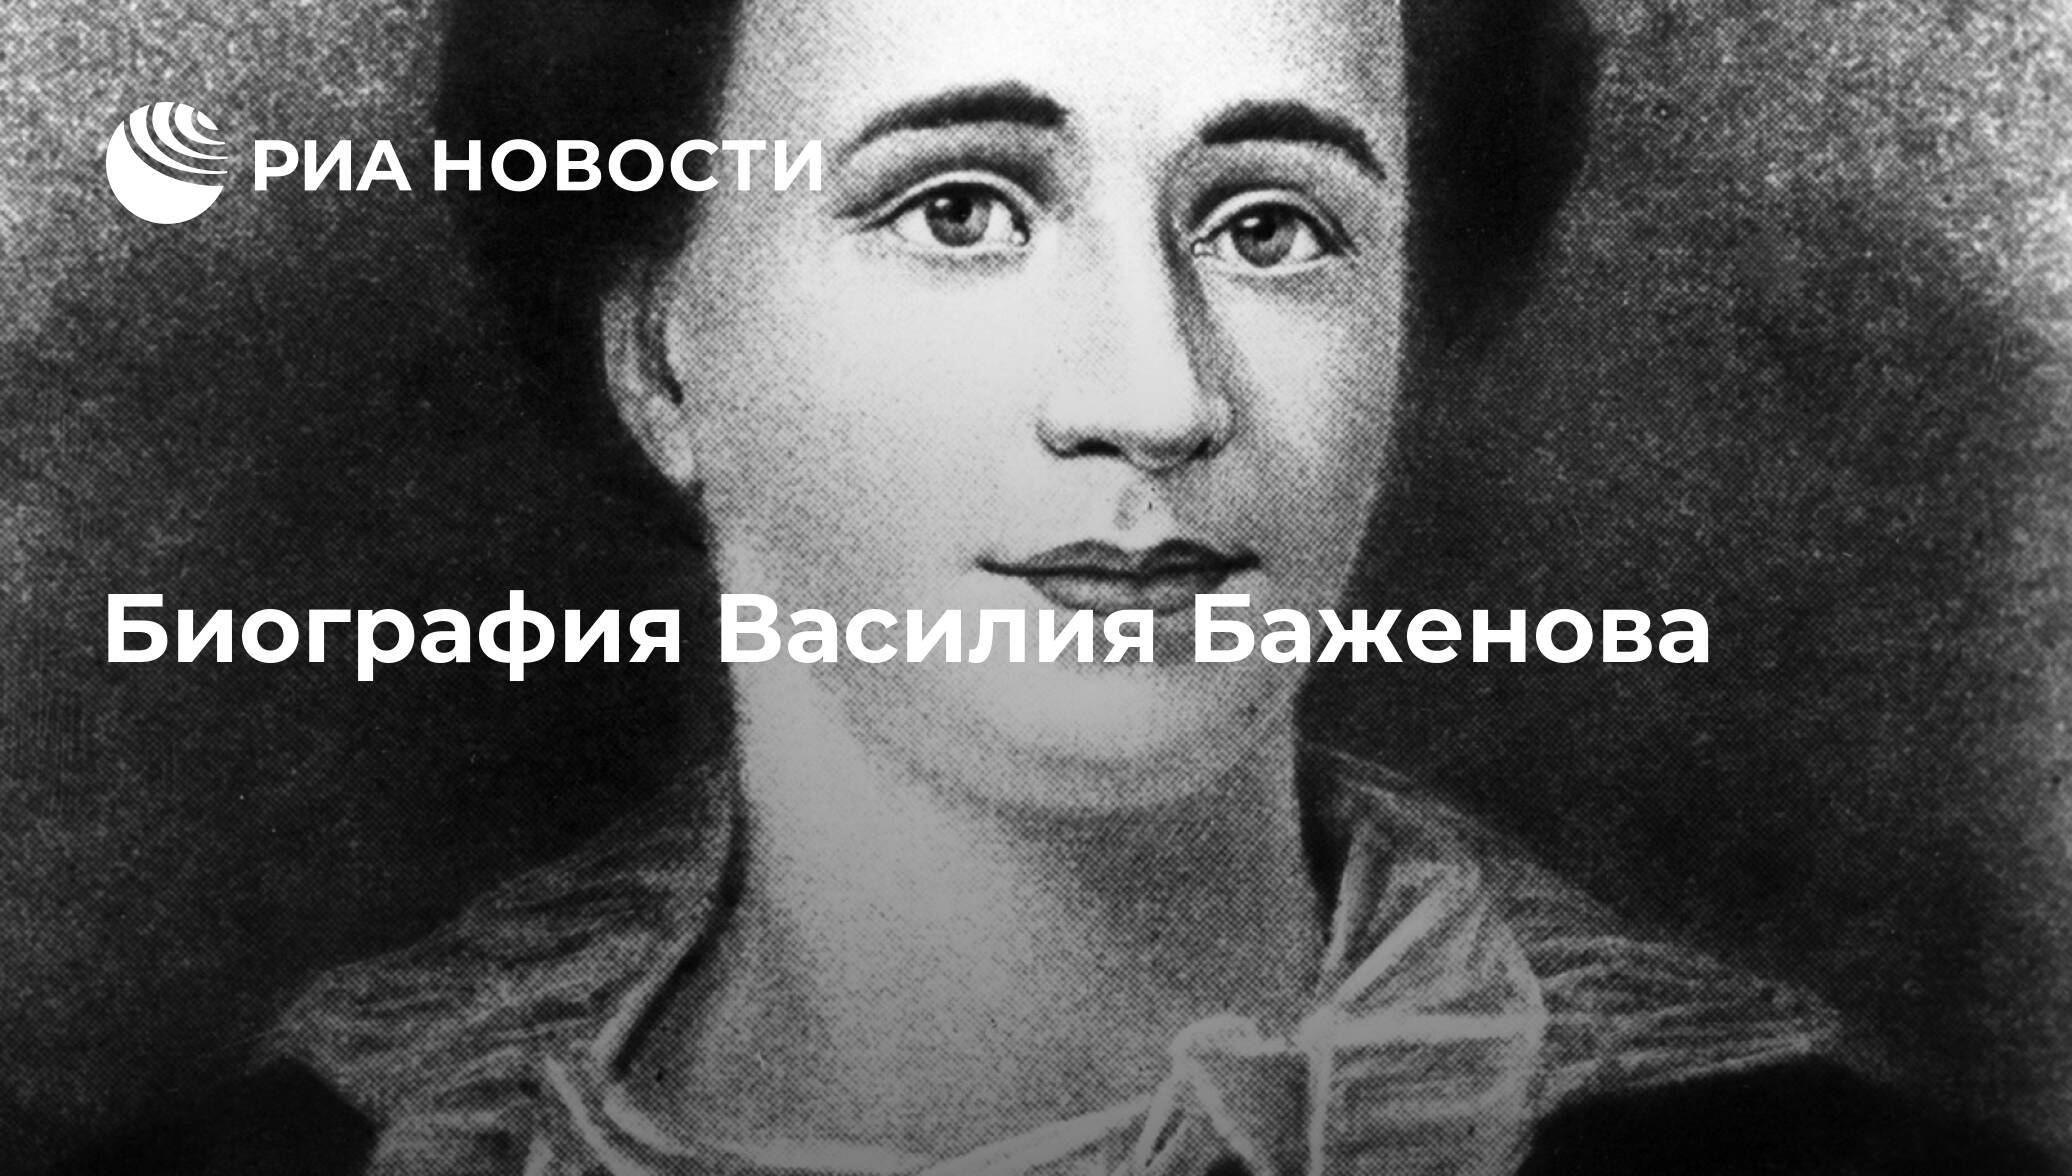 Тимофей баженов – биография, личная жизнь, фото, проекты и последние новости 2018 | биографии